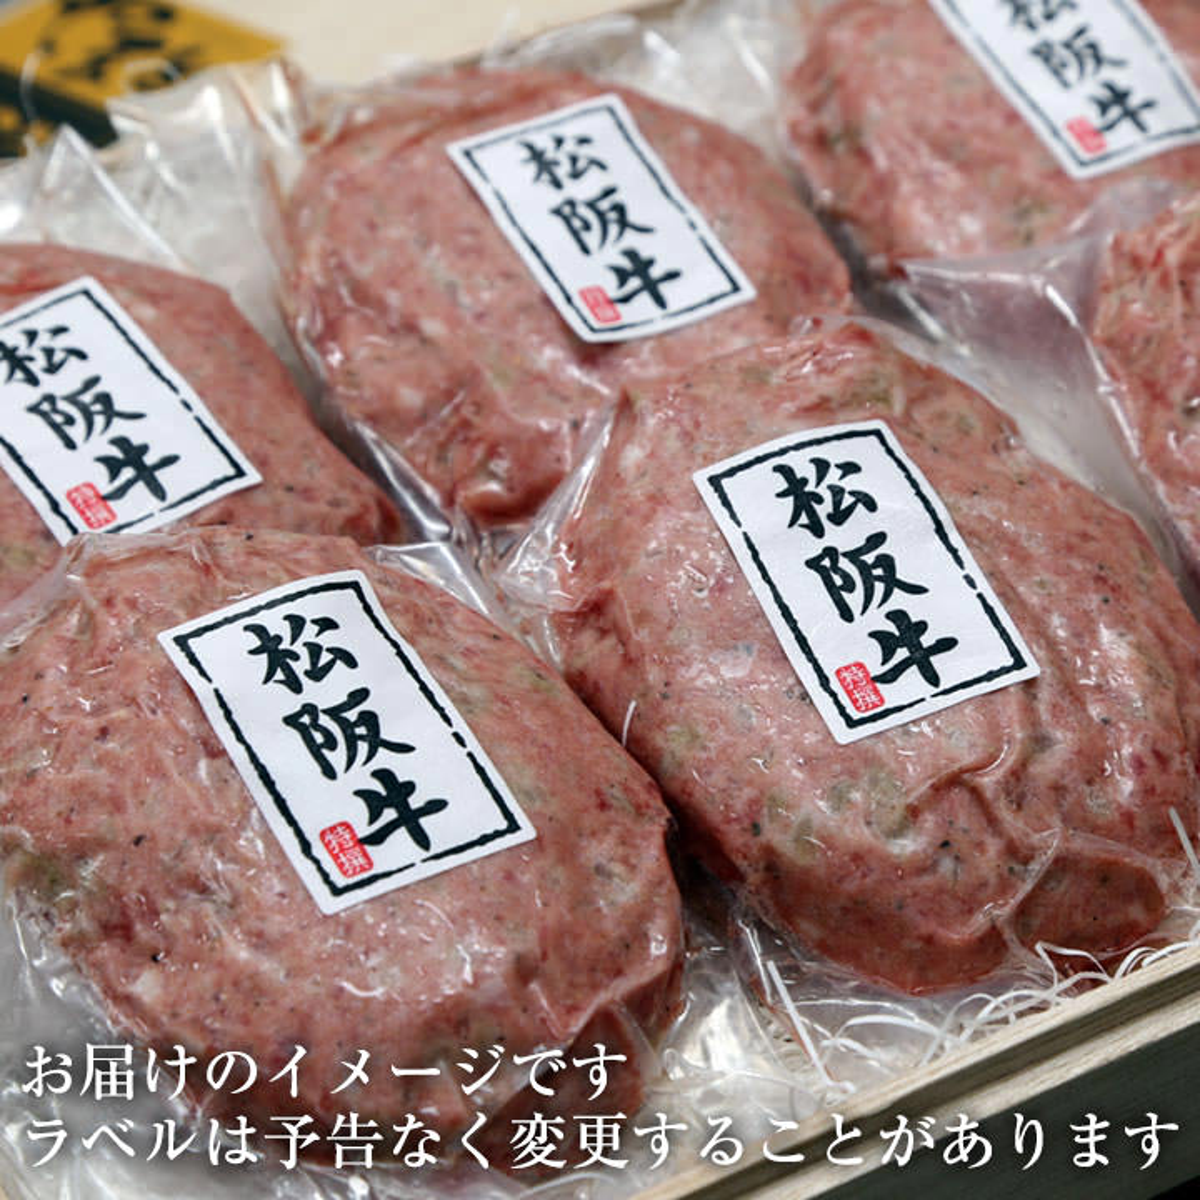 母の日の贈り物に松阪牛ハンバーグ